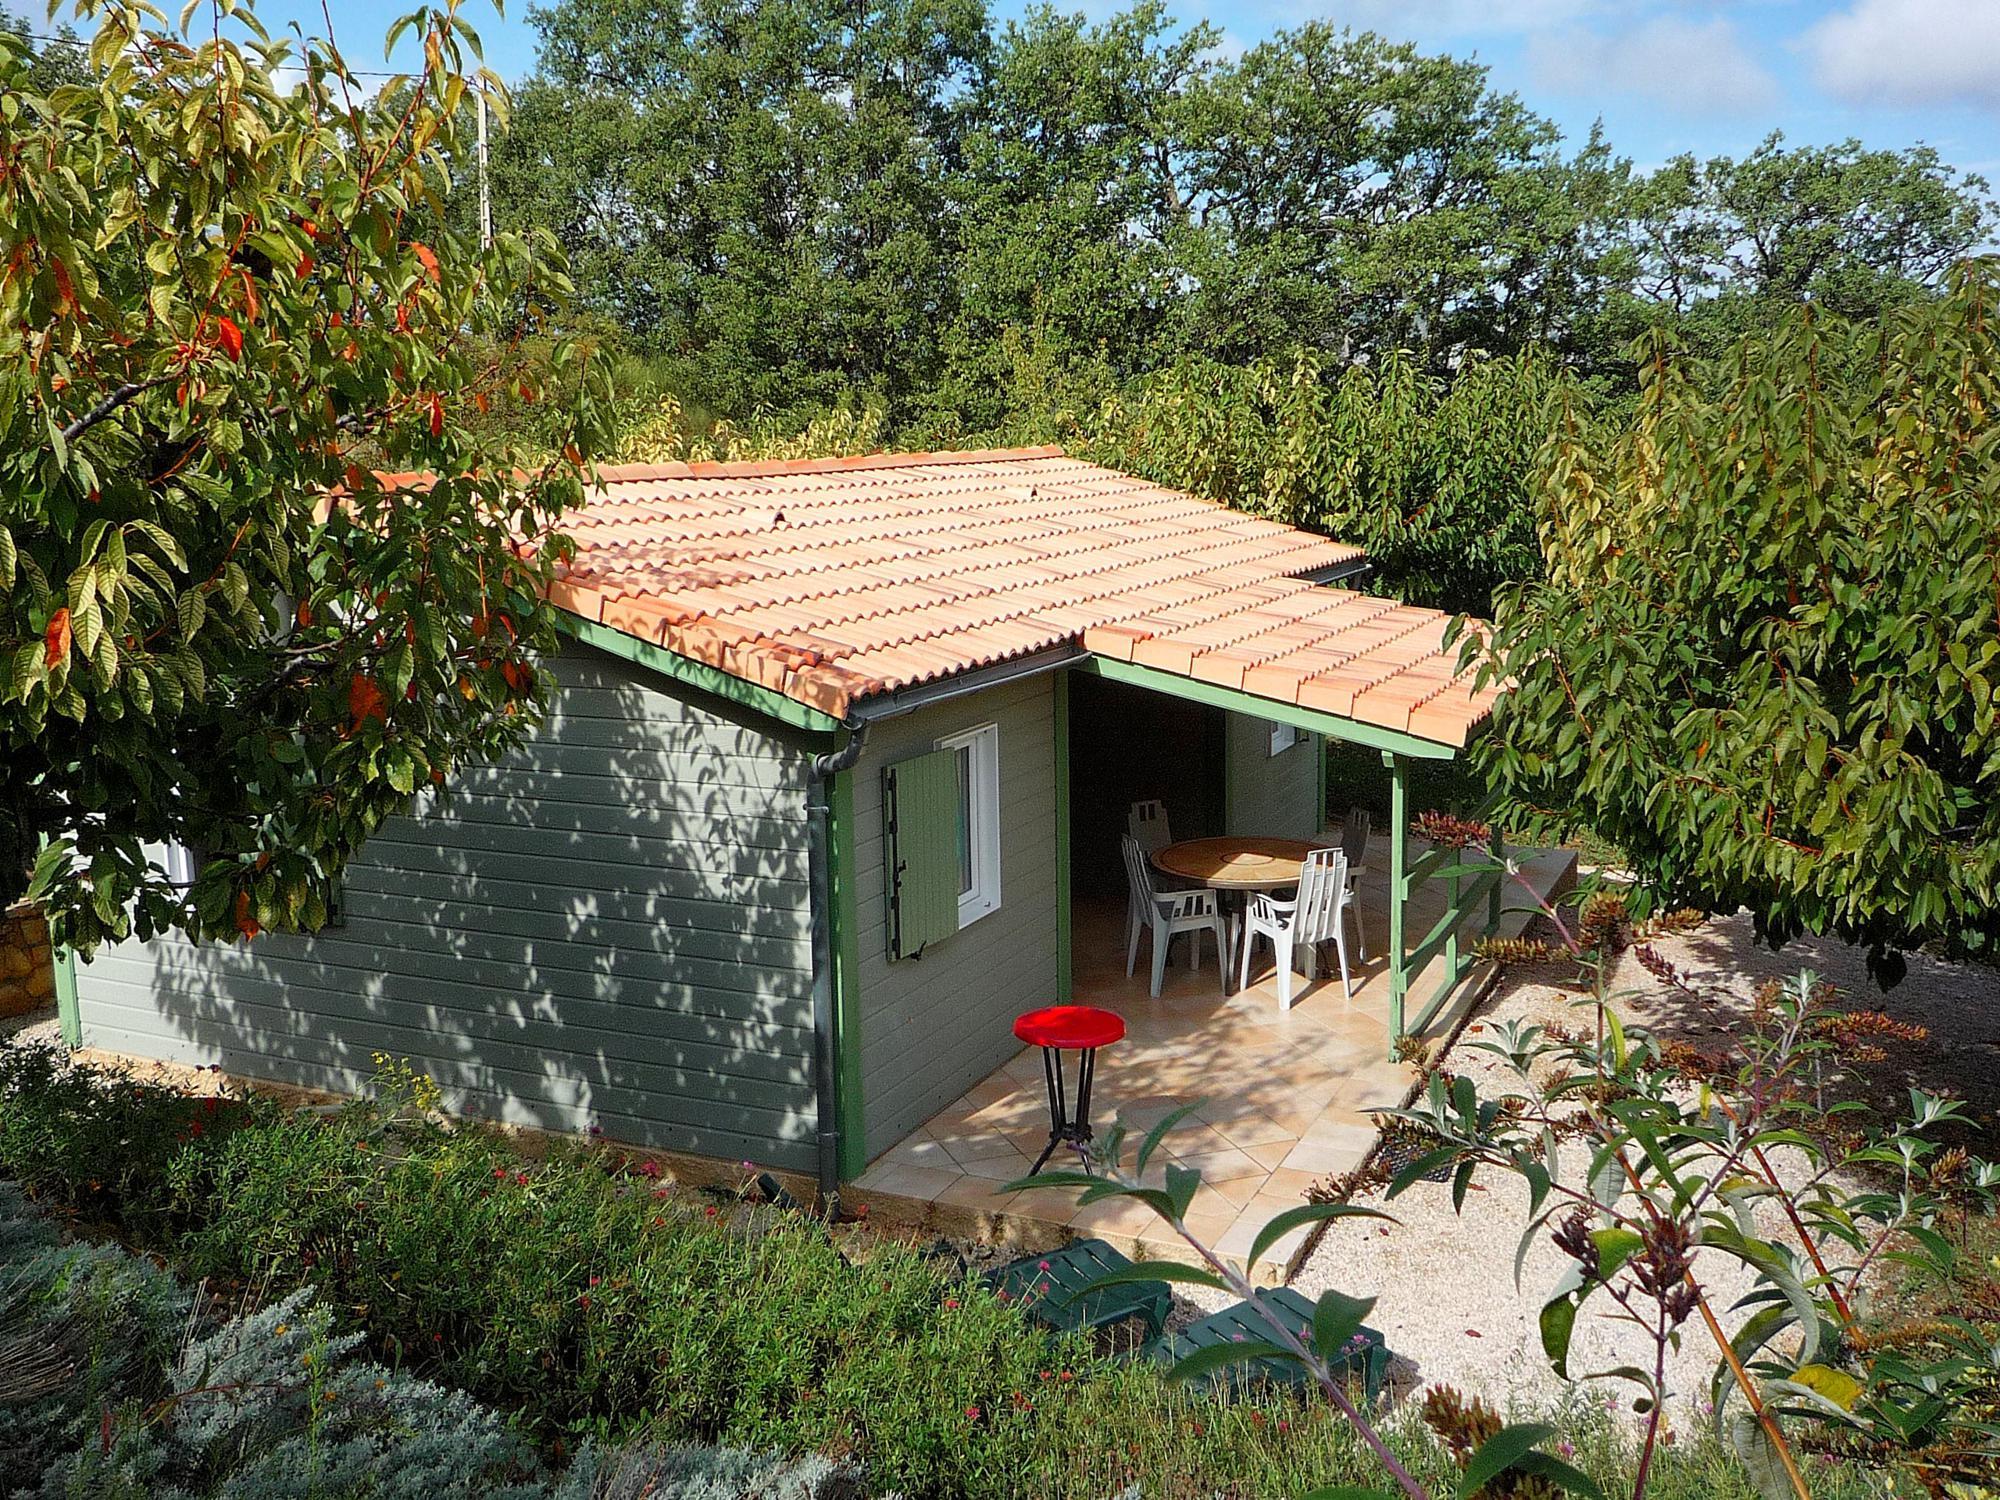 Vakantiehuis in Malaucene met zwembad, in Provence-Cote d'Azur.